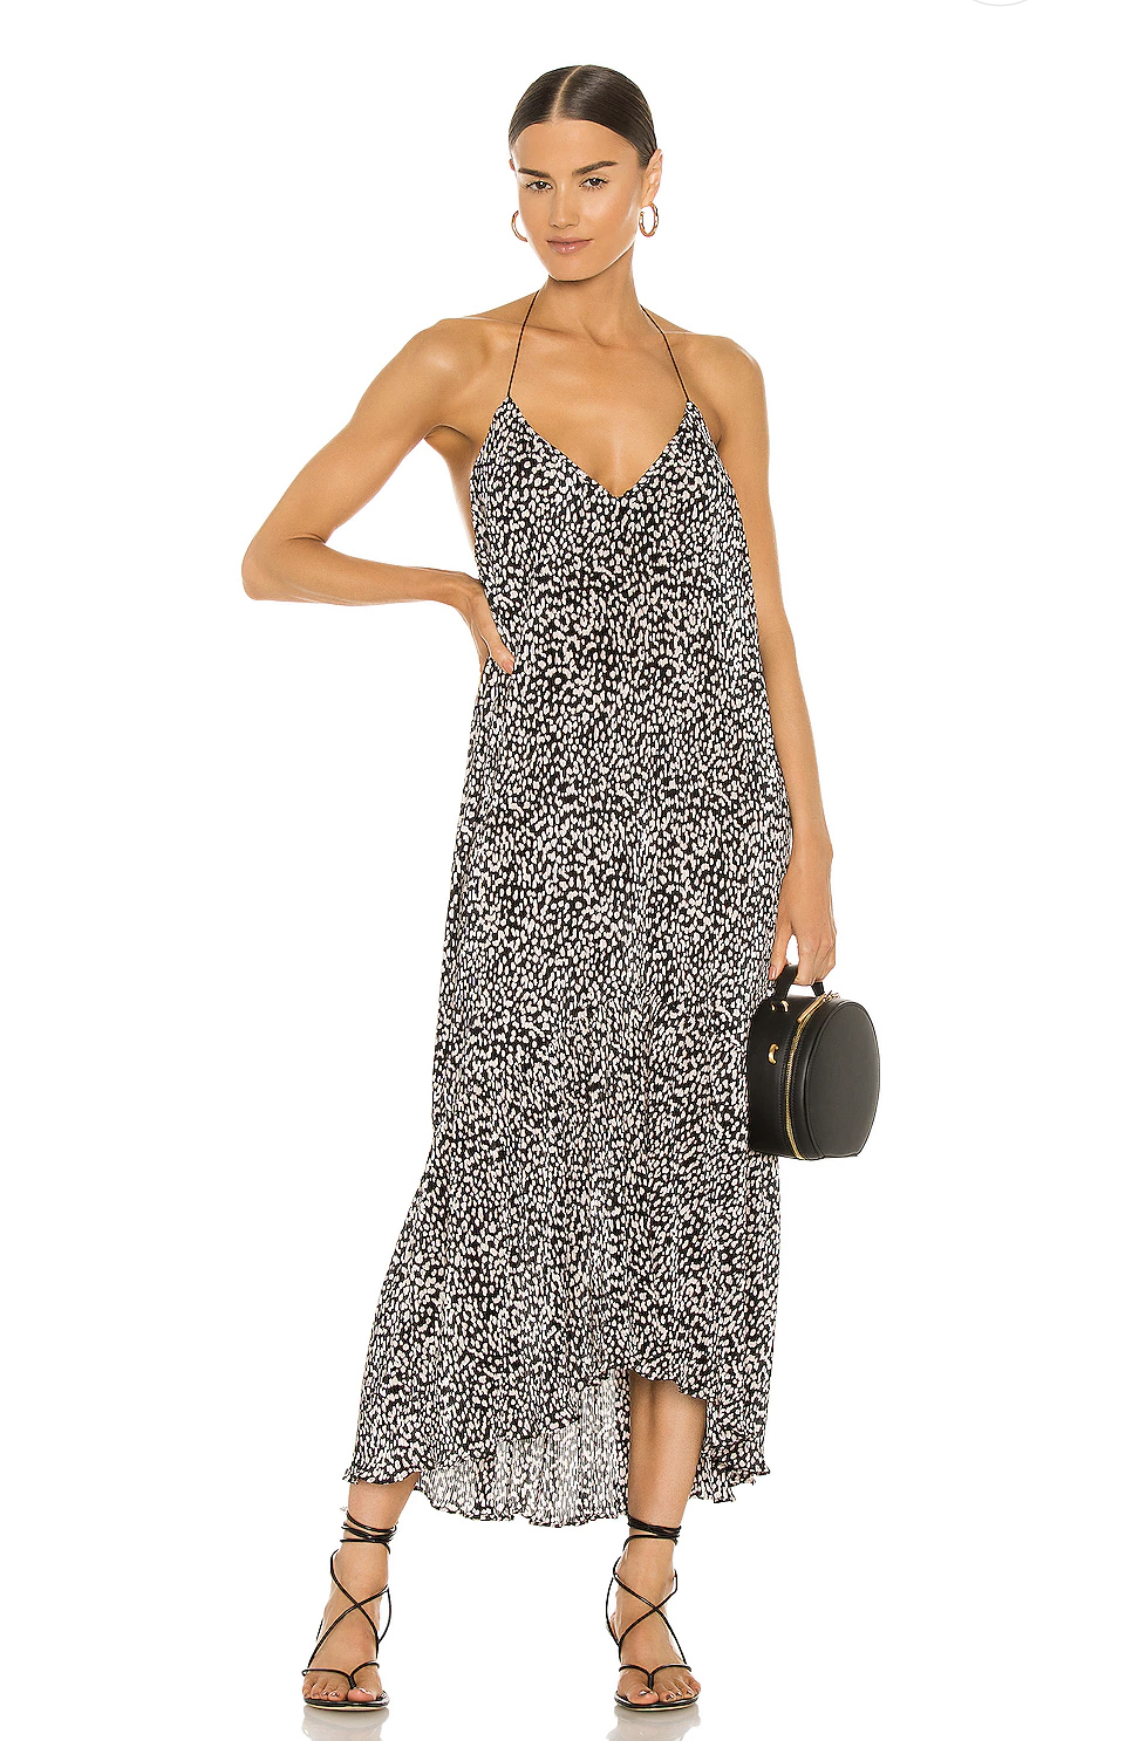 kelsey merritt backless dresses ootds